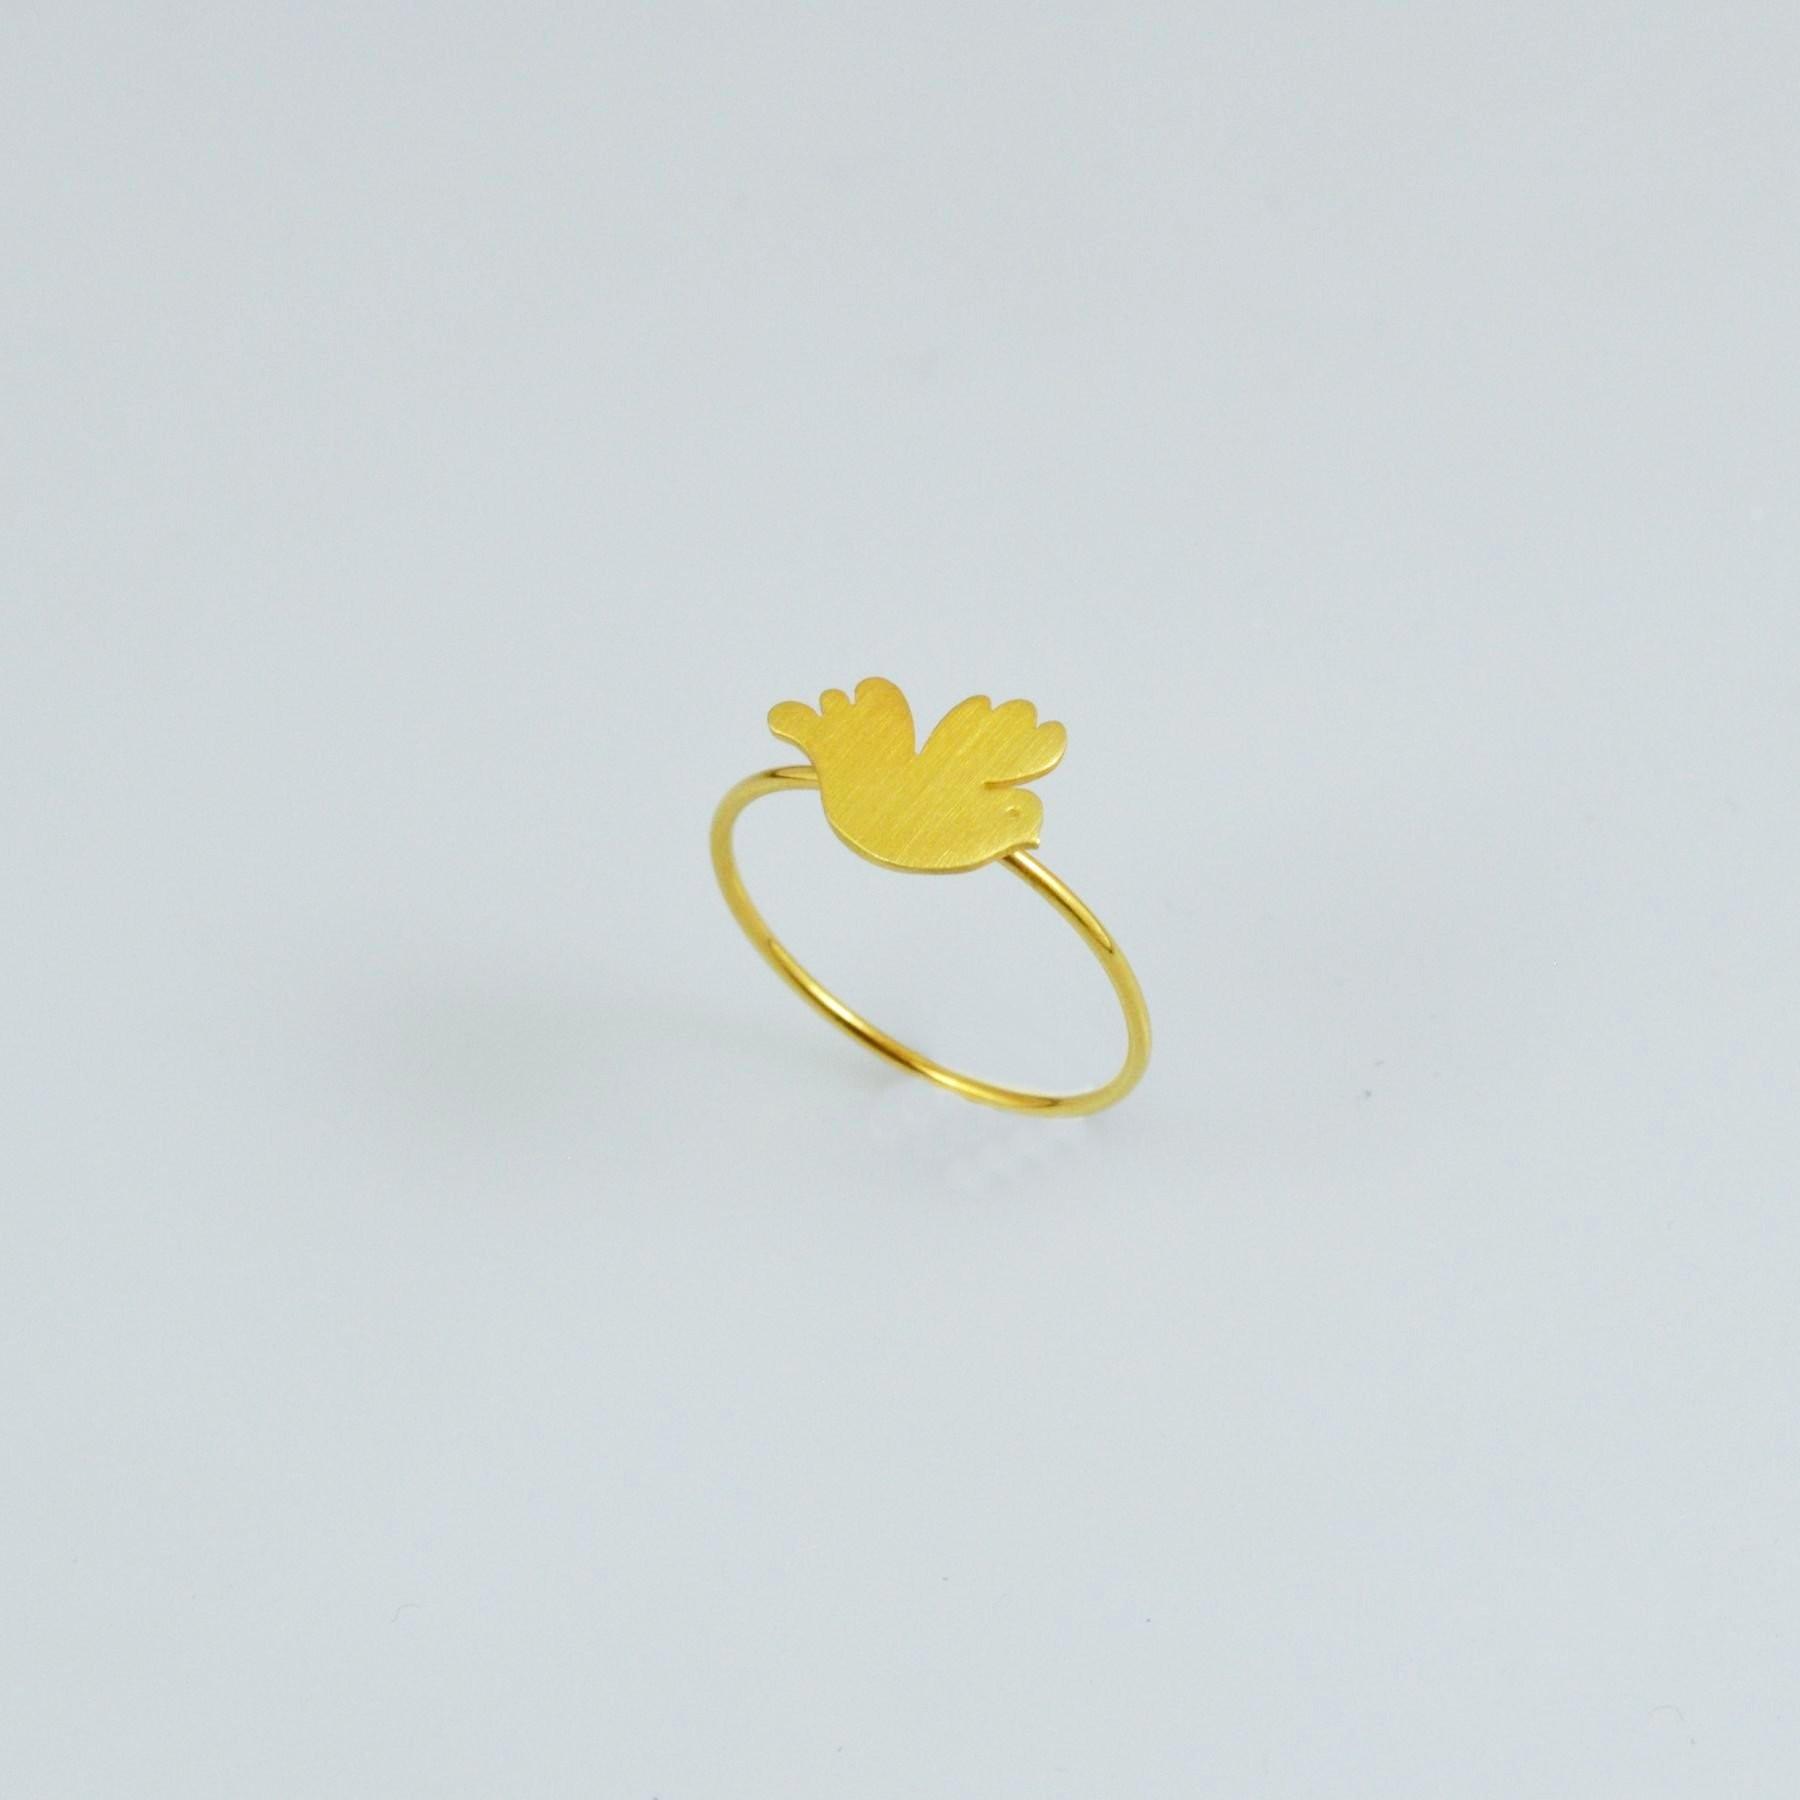 Handmade gold ring 14K